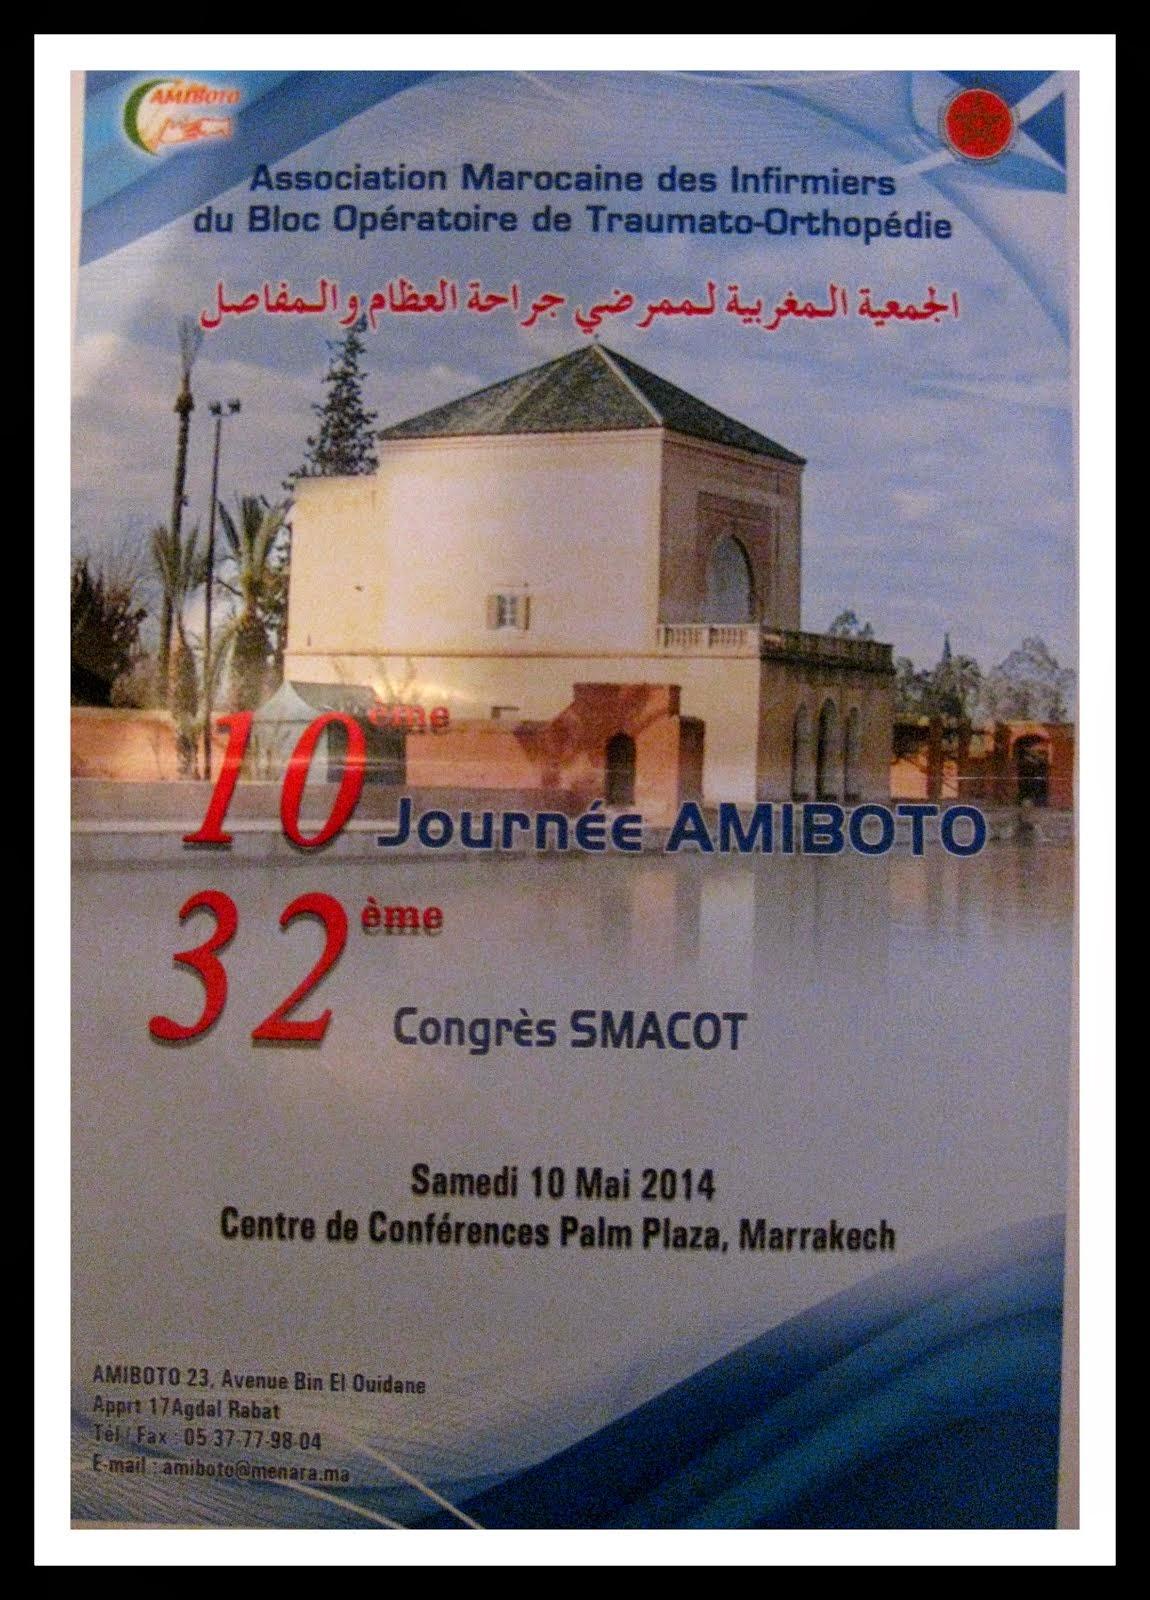 LA JOURNEE D AMIBOTO LE SAMEDI 10 MAI 2014 HOTEL PALM PLAZA MARRAKECH